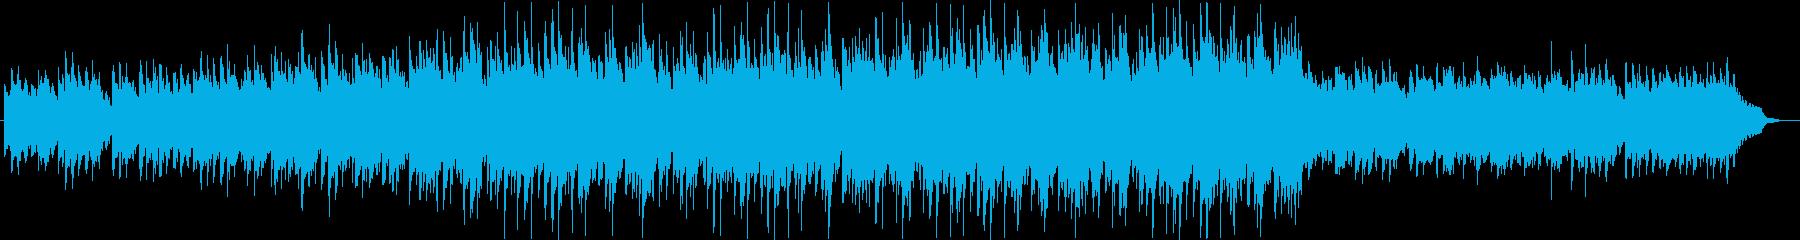 優しく、温かい雰囲気のバラードBGMの再生済みの波形